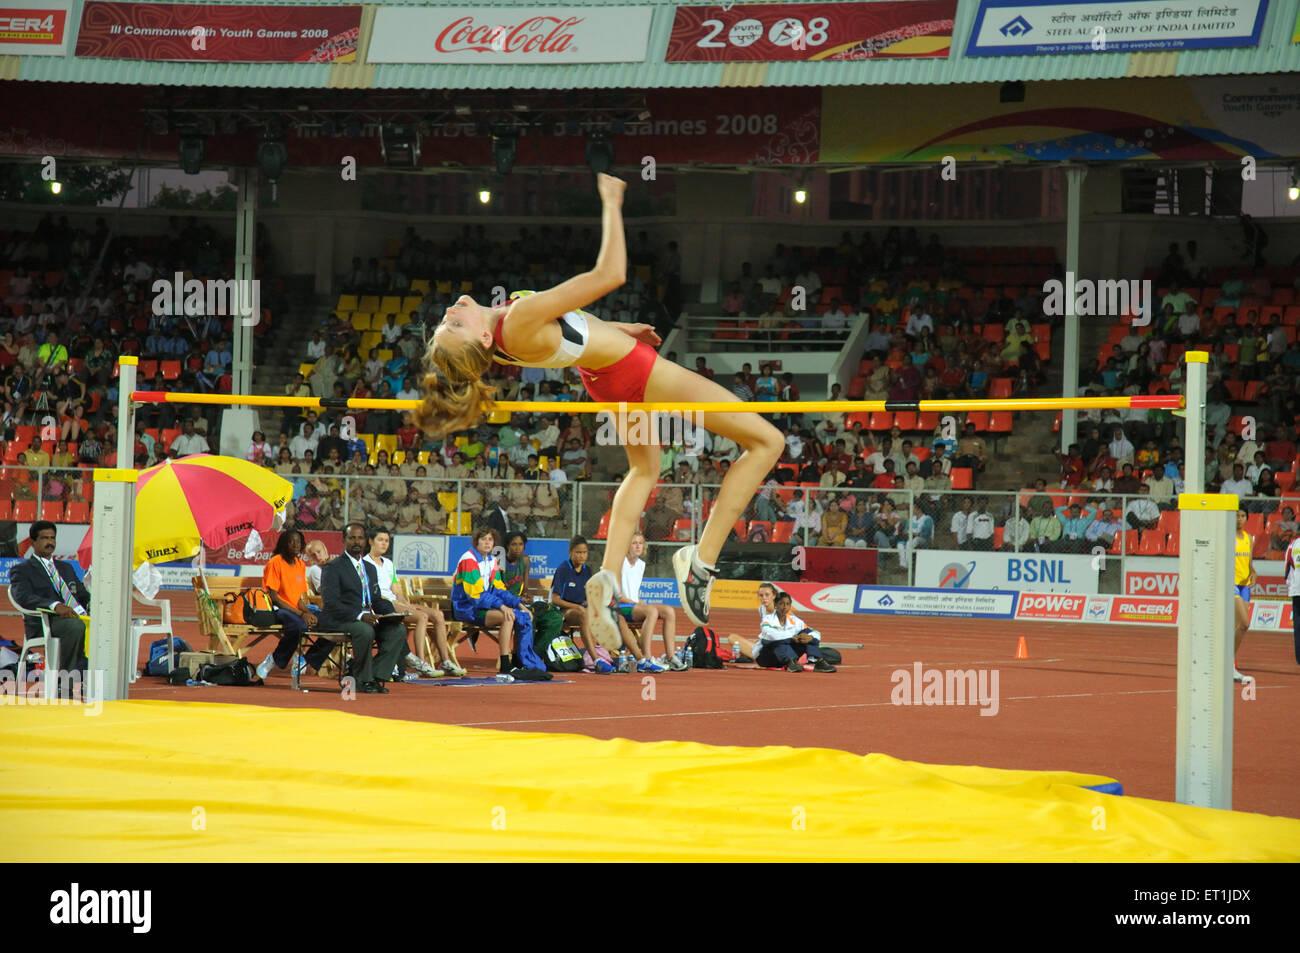 Athlete doing high jump ; Pune ; Maharashtra ; India 15 October 2008 NOMR - Stock Image